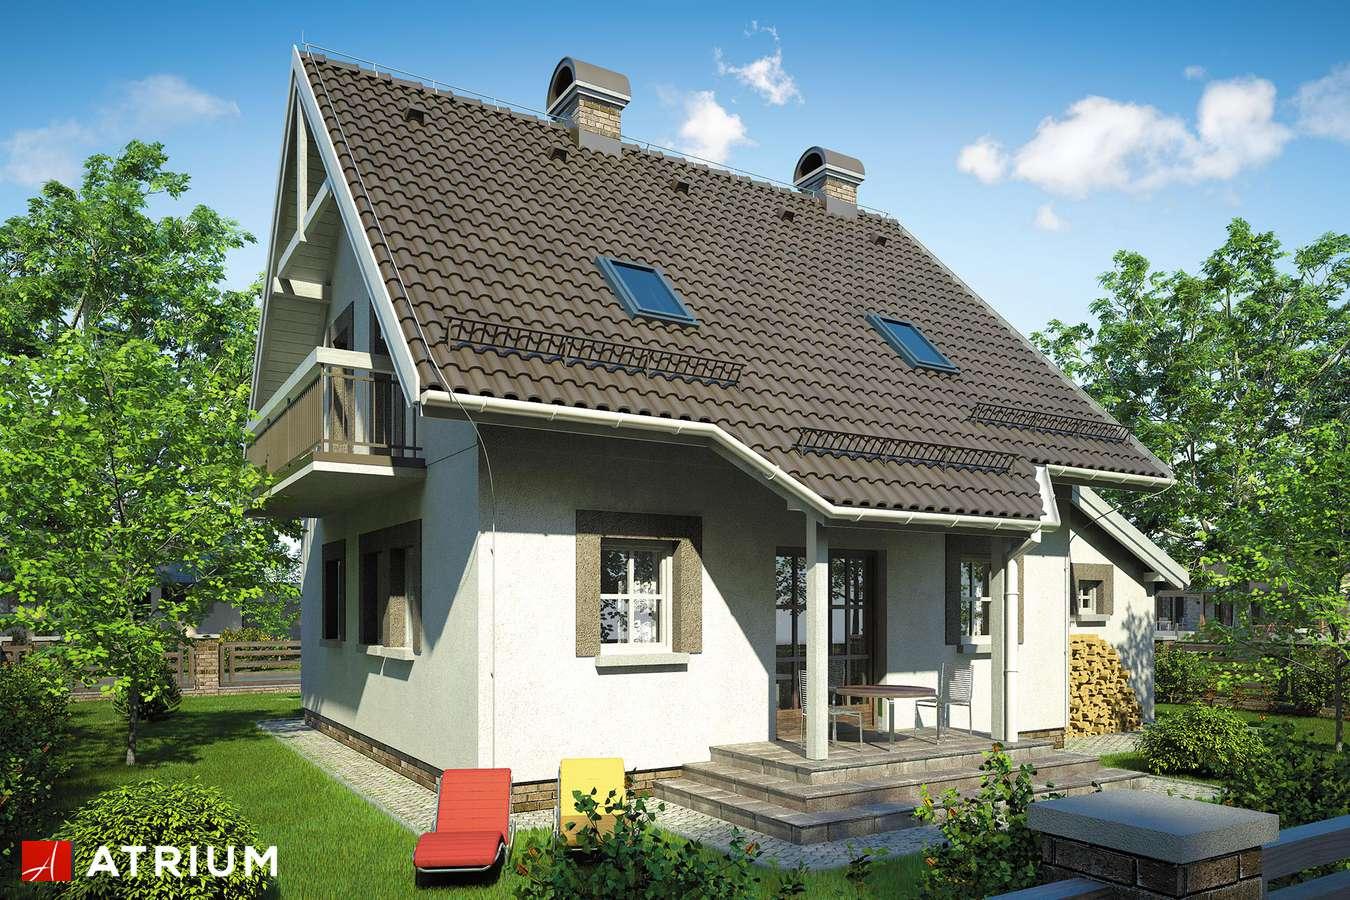 Projekty domów - Projekt domu z poddaszem GWIAZDKA - wizualizacja 2 - wersja lustrzana